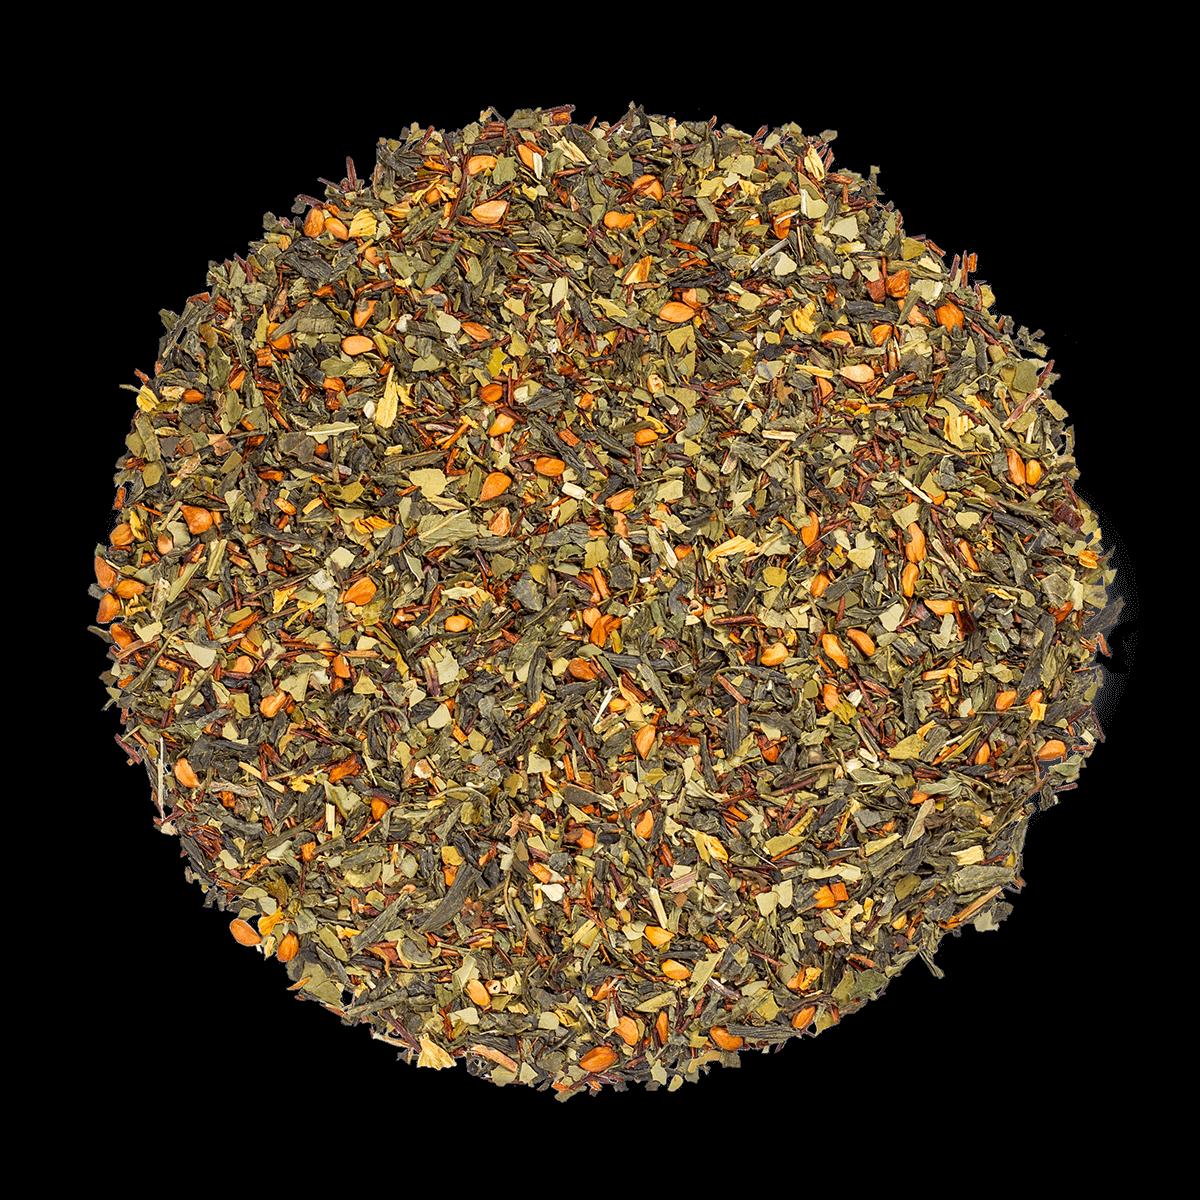 Blue Detox bio - Mélange de thé vert, maté et plantes aromatisé ananas - Thé en vrac - Kusmi Tea